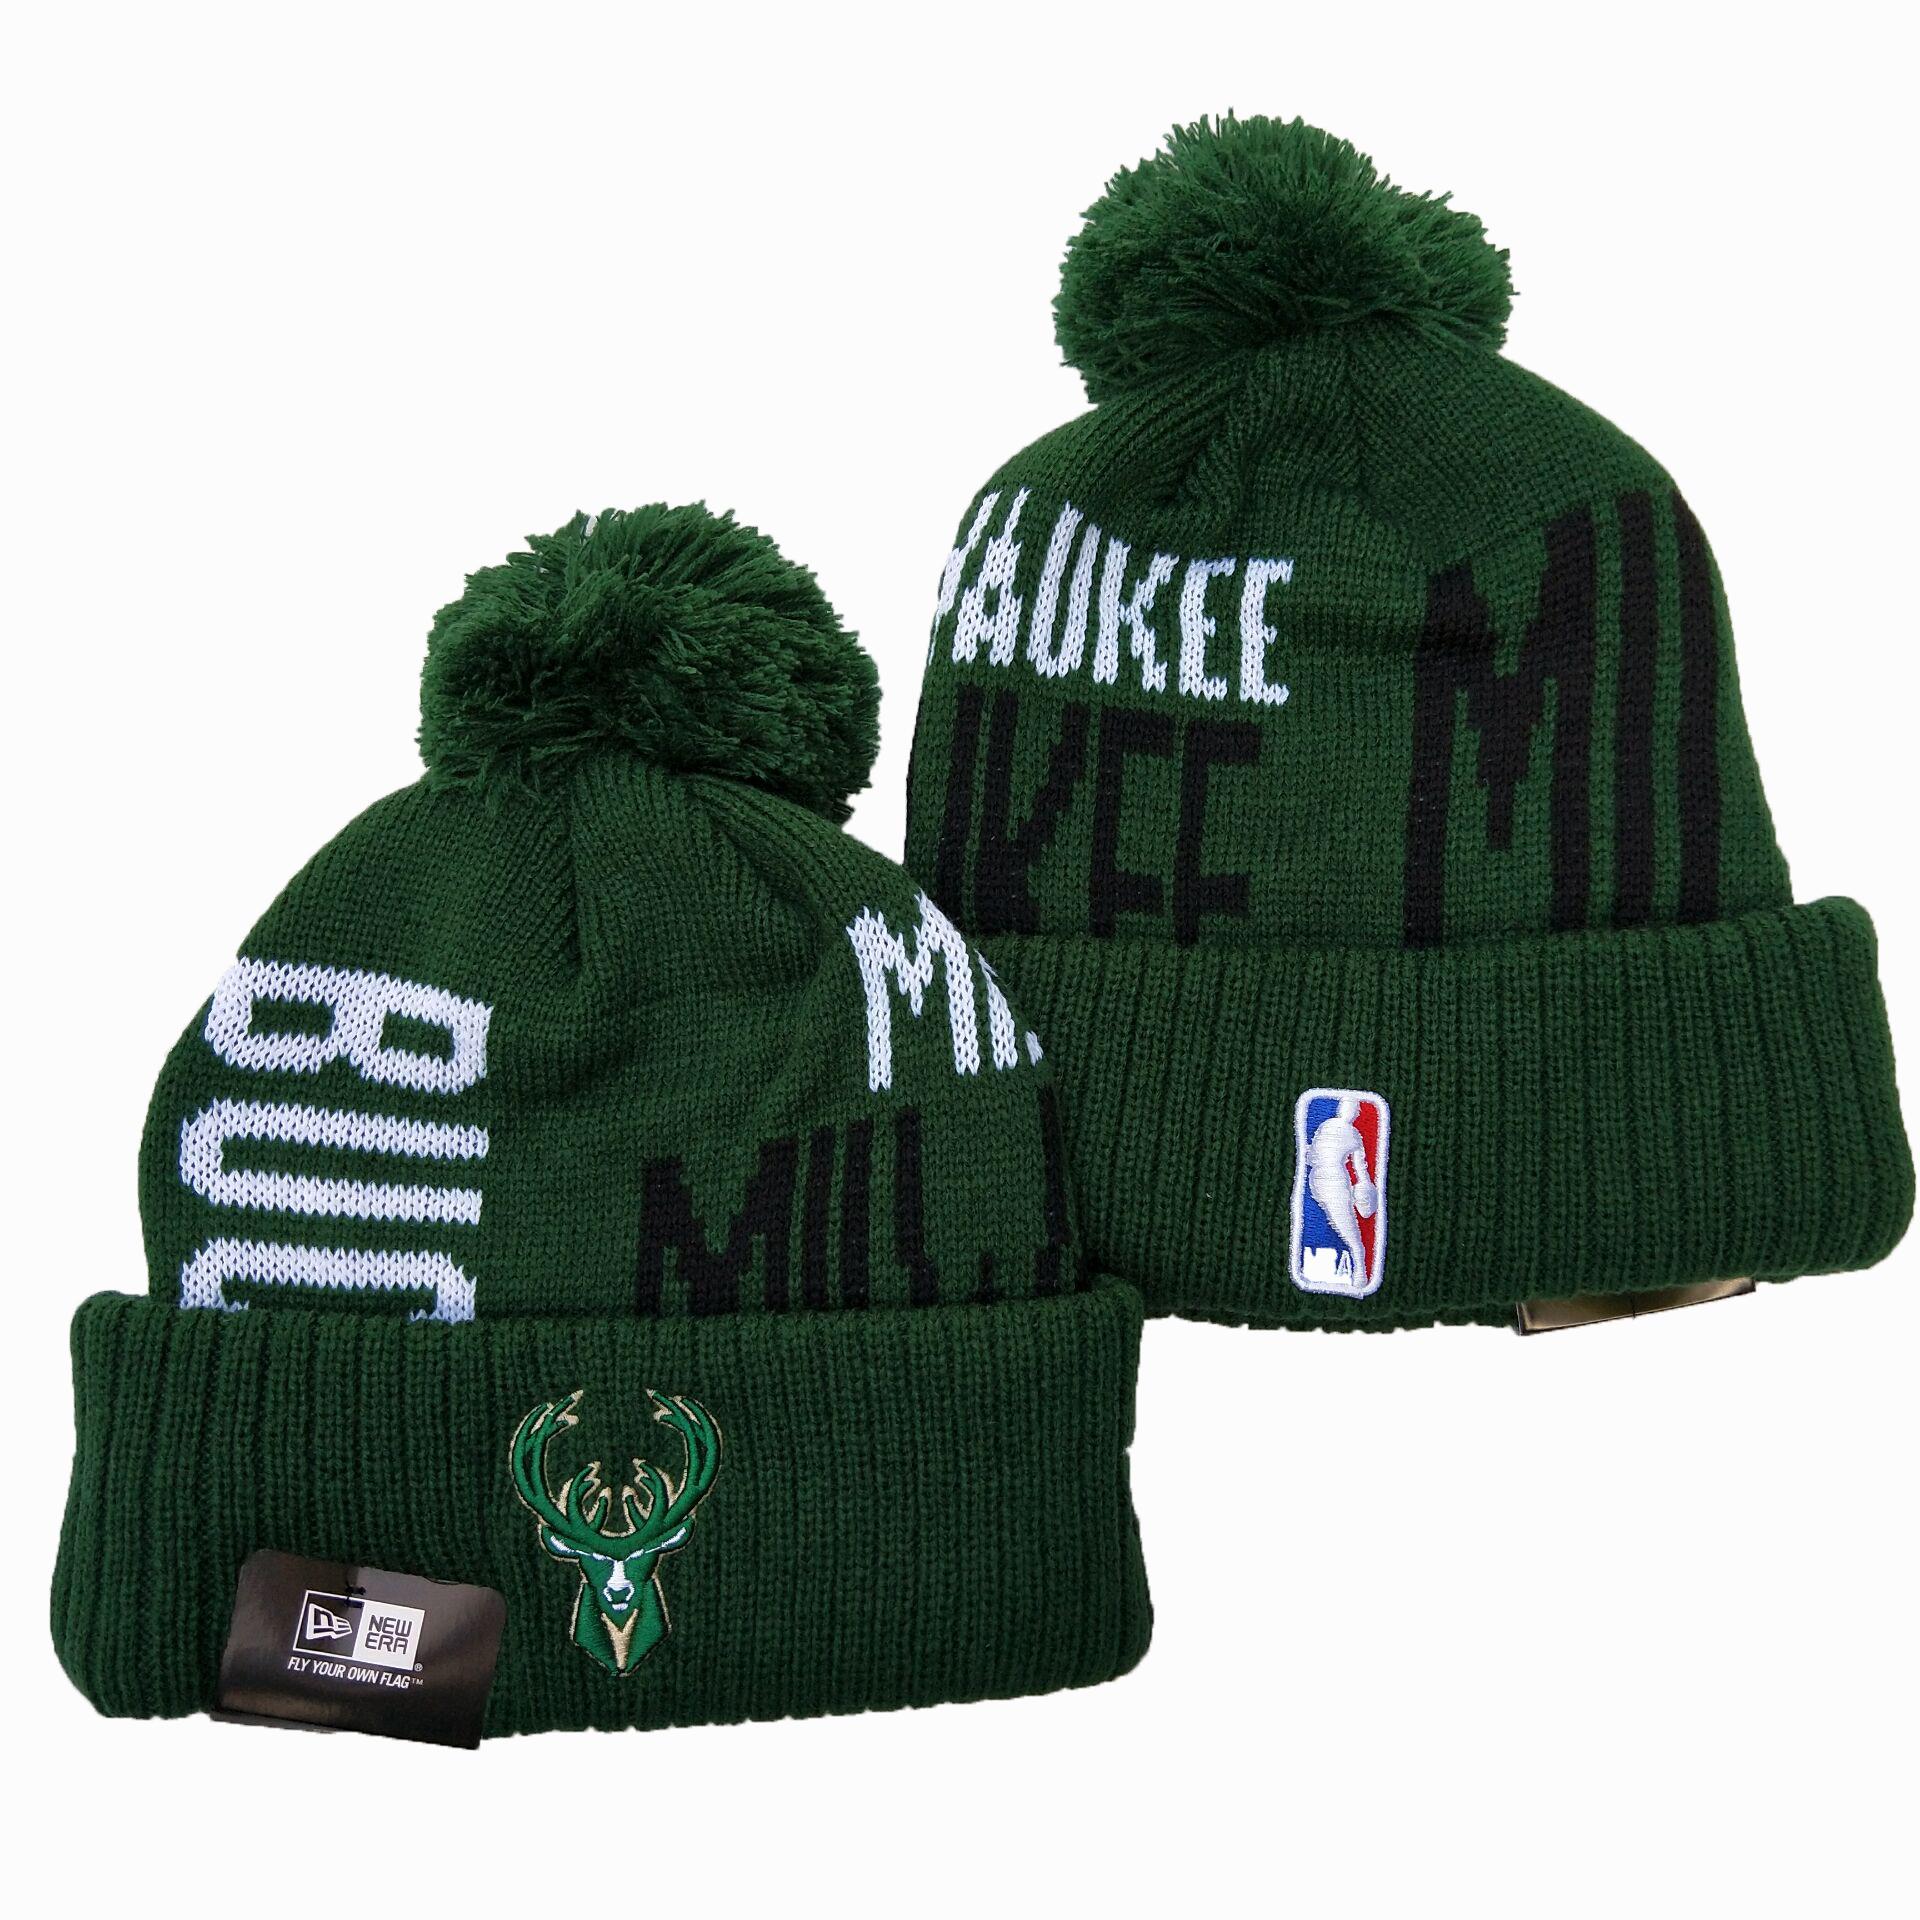 Bucks Team Logo Green Wordmark Cuffed Pom Knit Hat YD